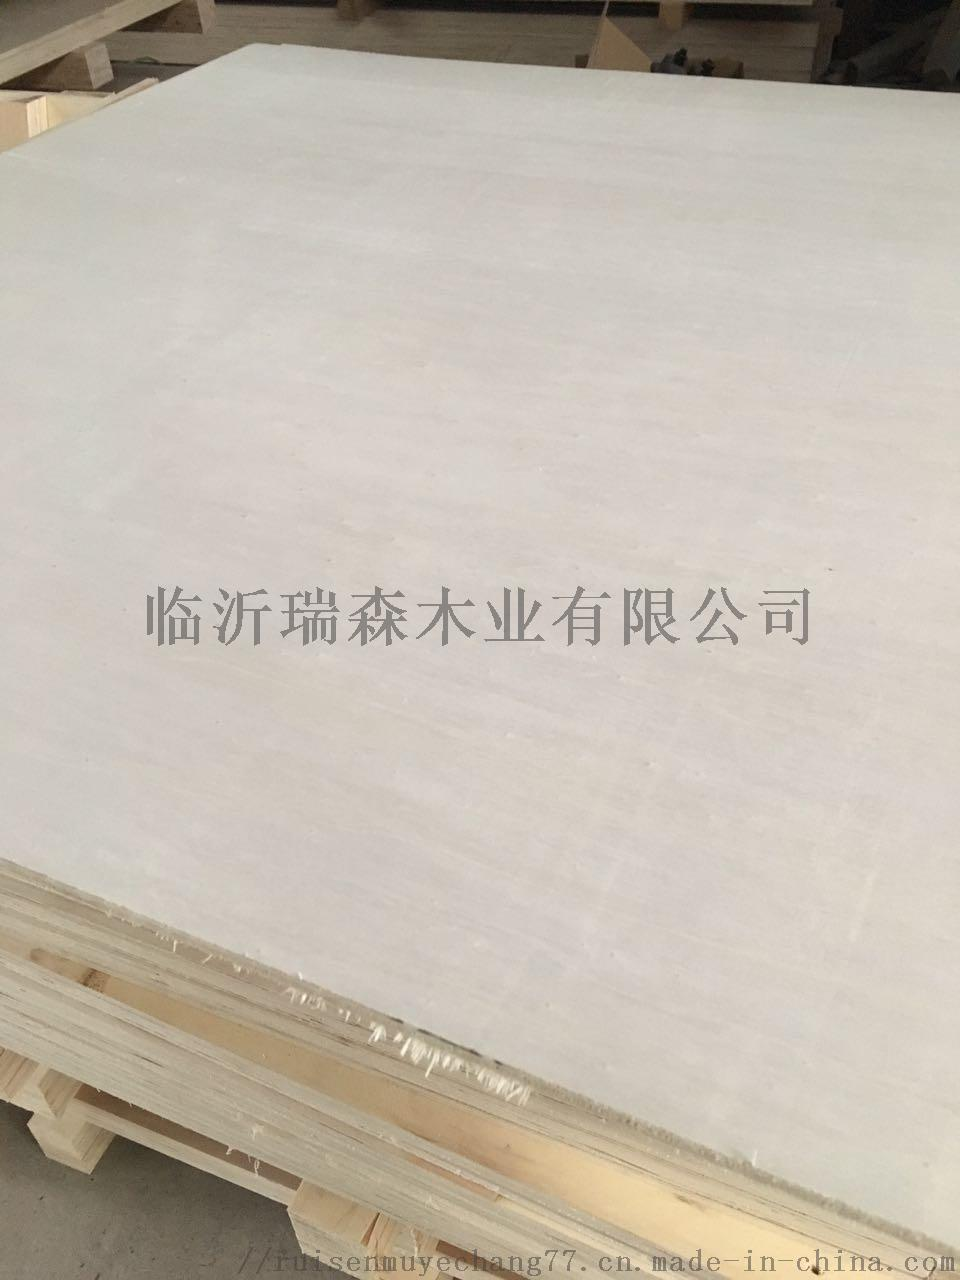 漂白杨木胶合板包装板三合板厂家直销木板材57880252